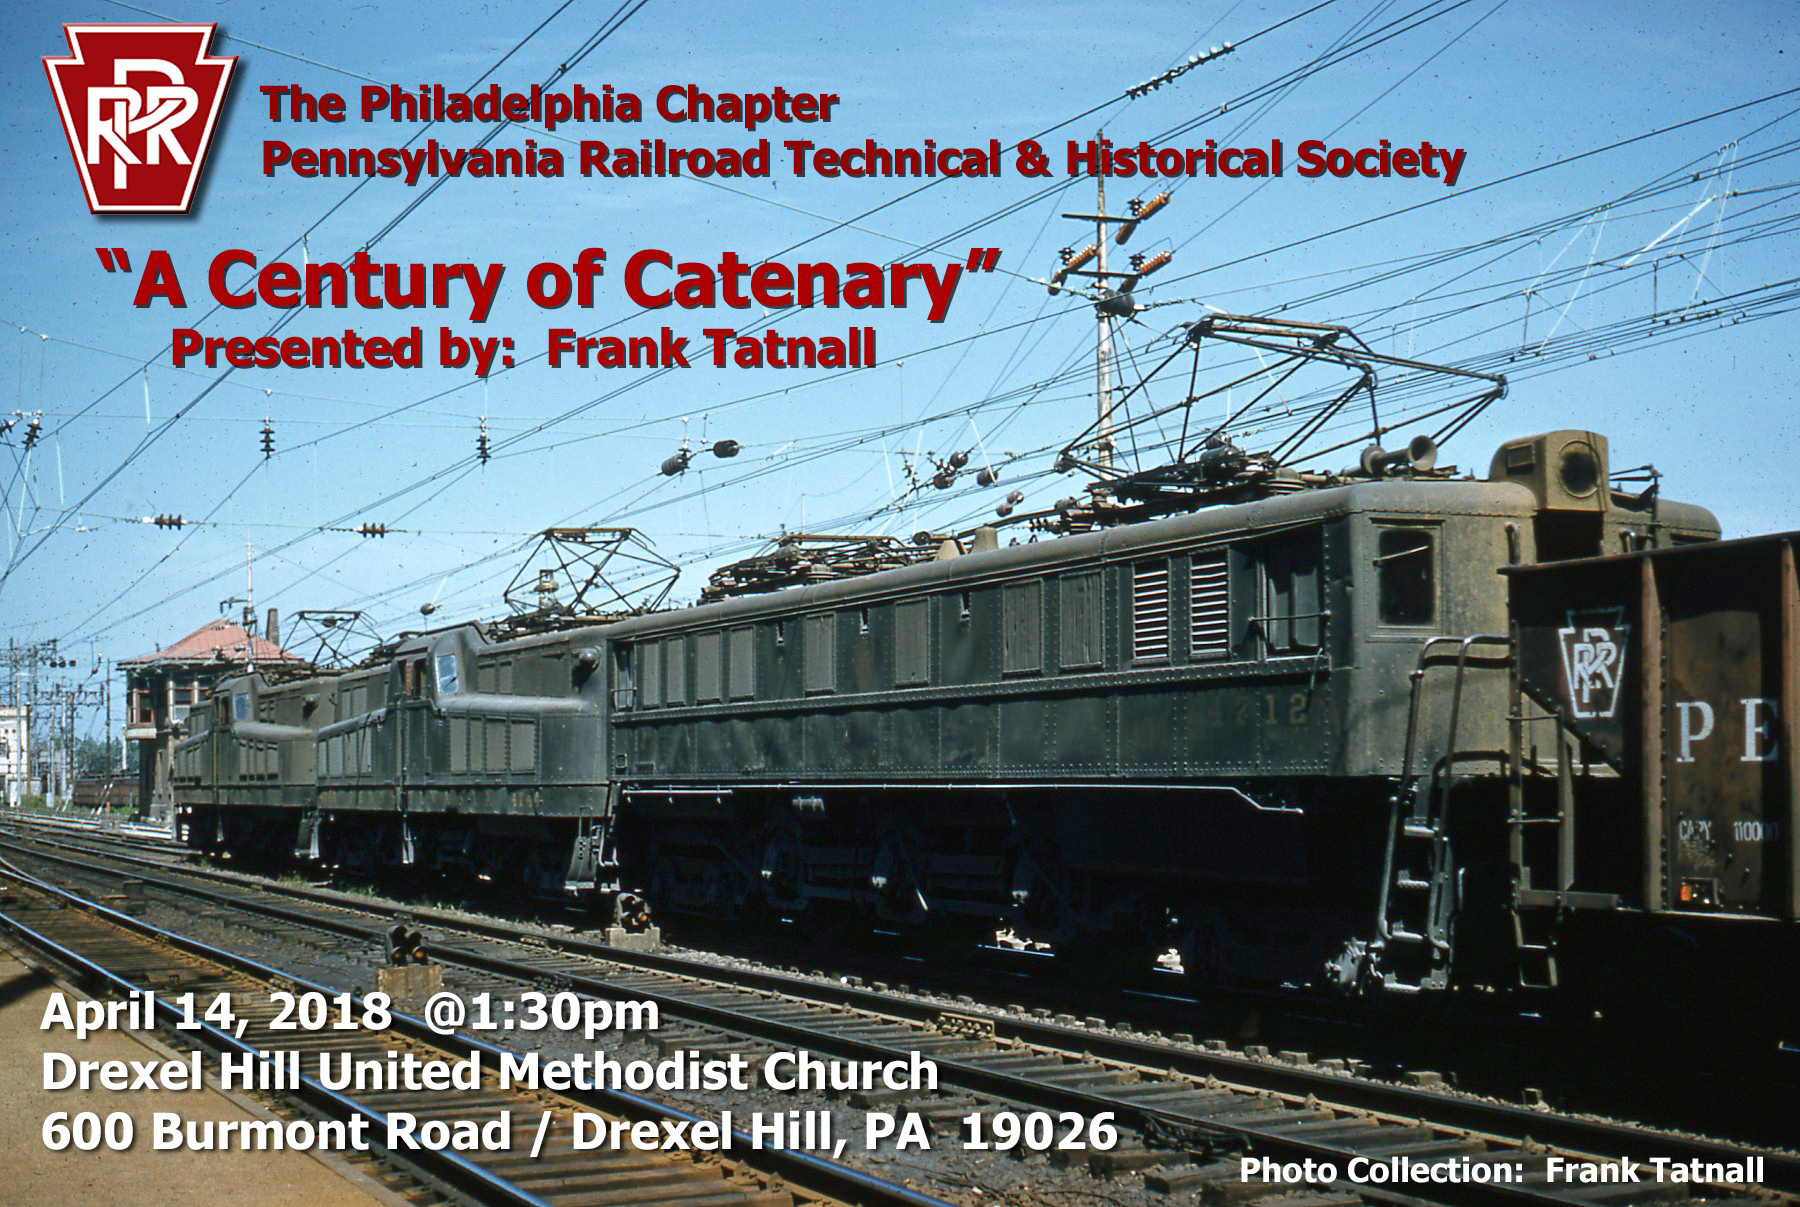 Philadelphia Chapter PRRT&HS - News 2018